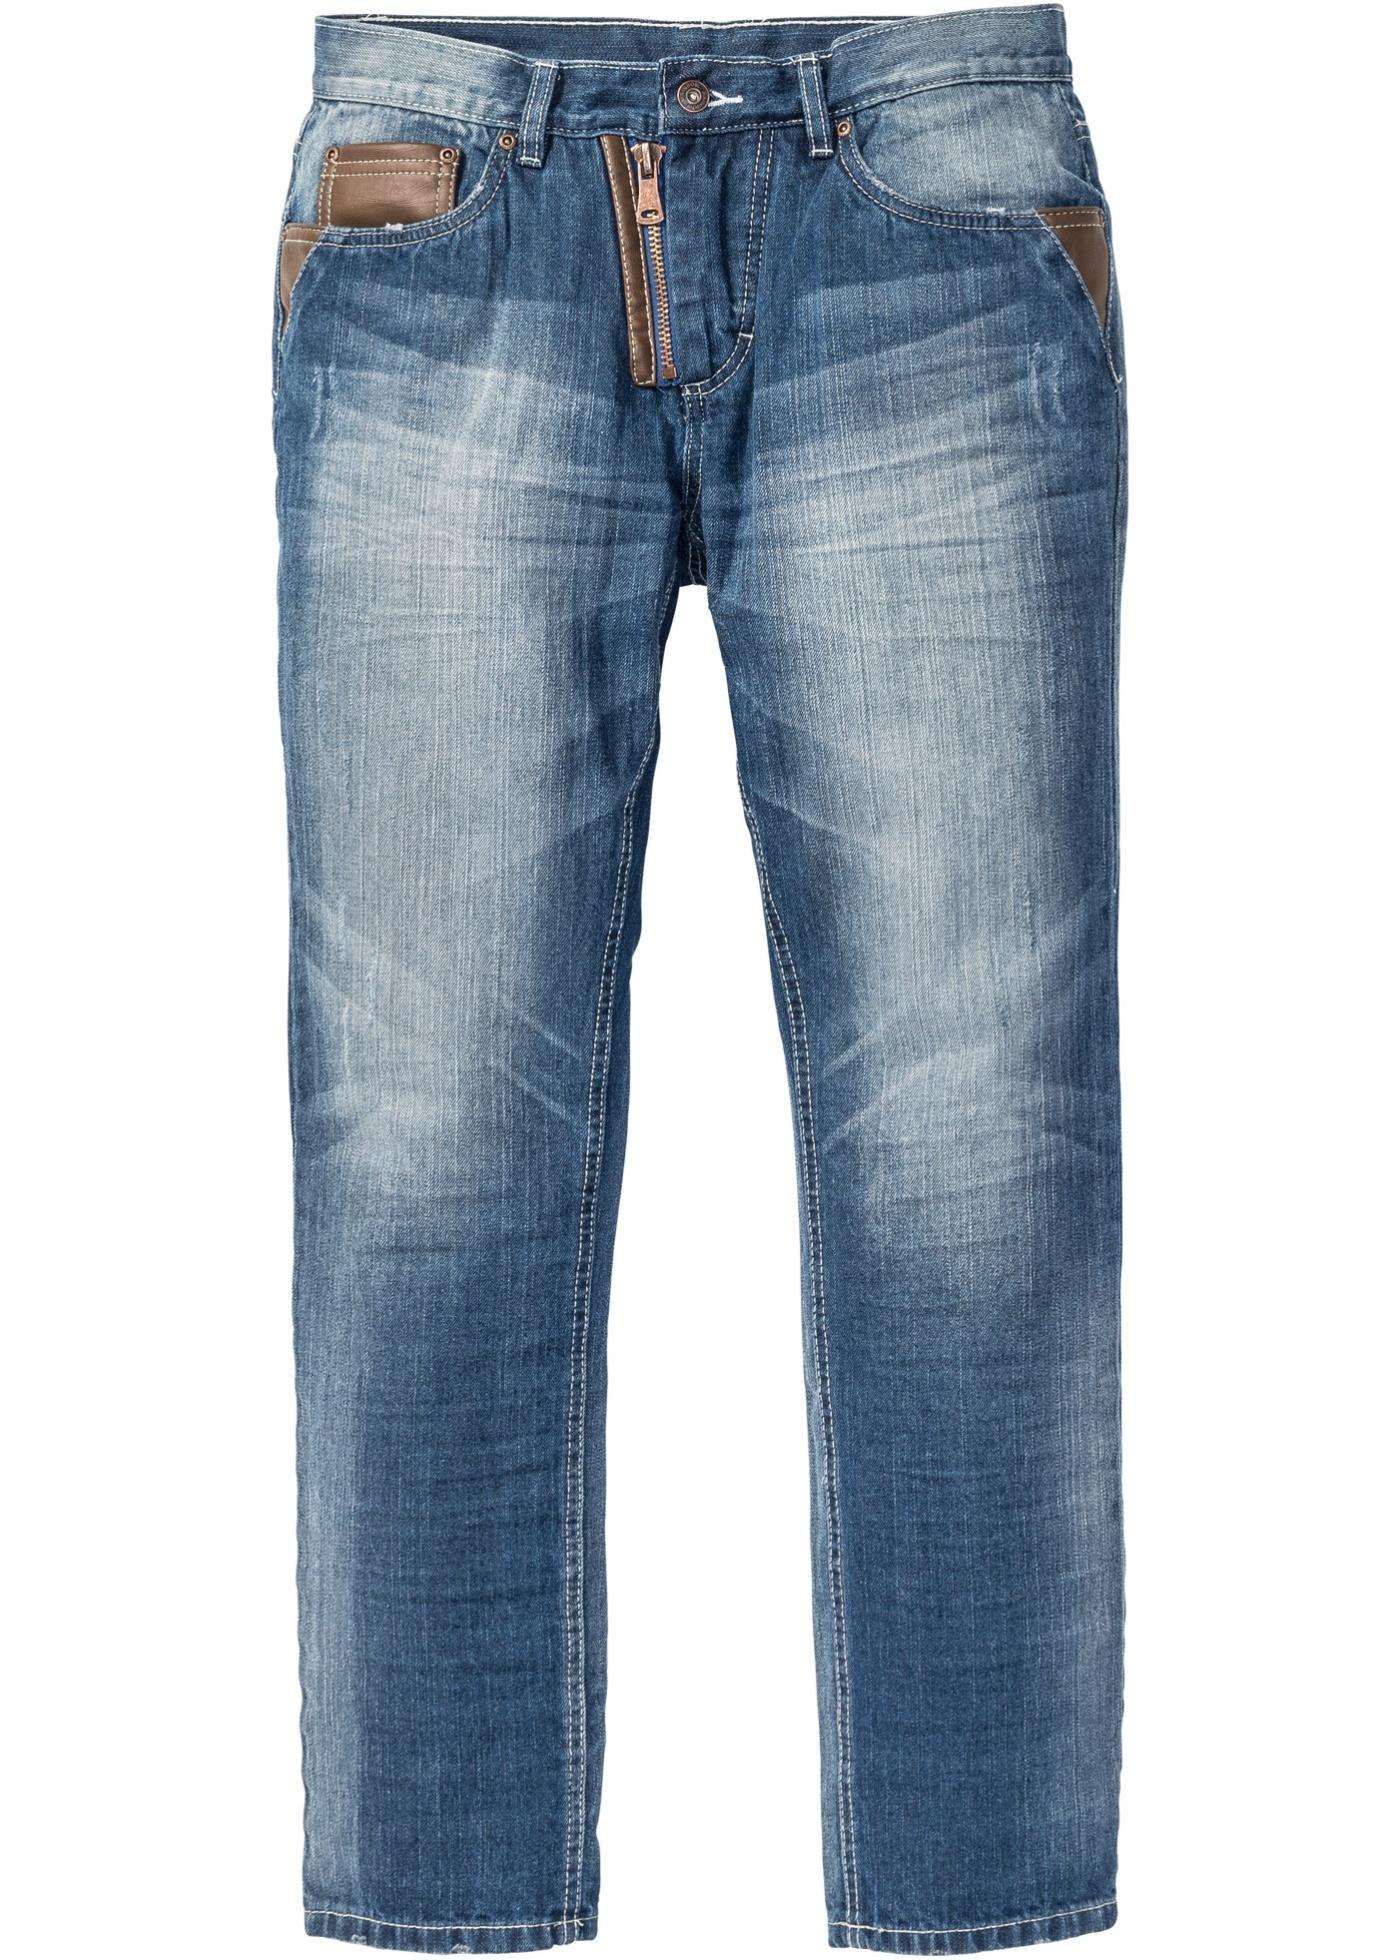 Jeans TAPERED  Blu  - RAI